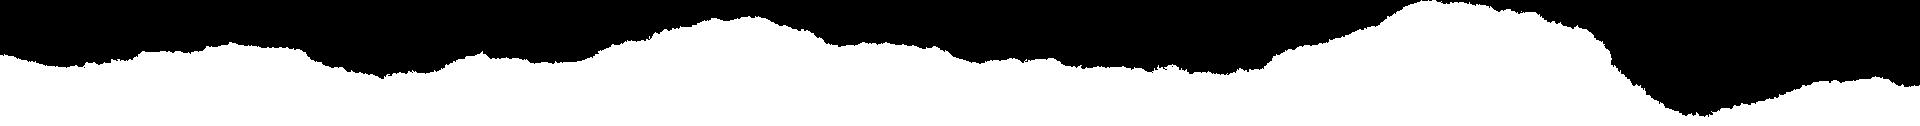 Bergsilhouette - Heimat & Herz - Einrichtung für psychisch erkrankte Menschen